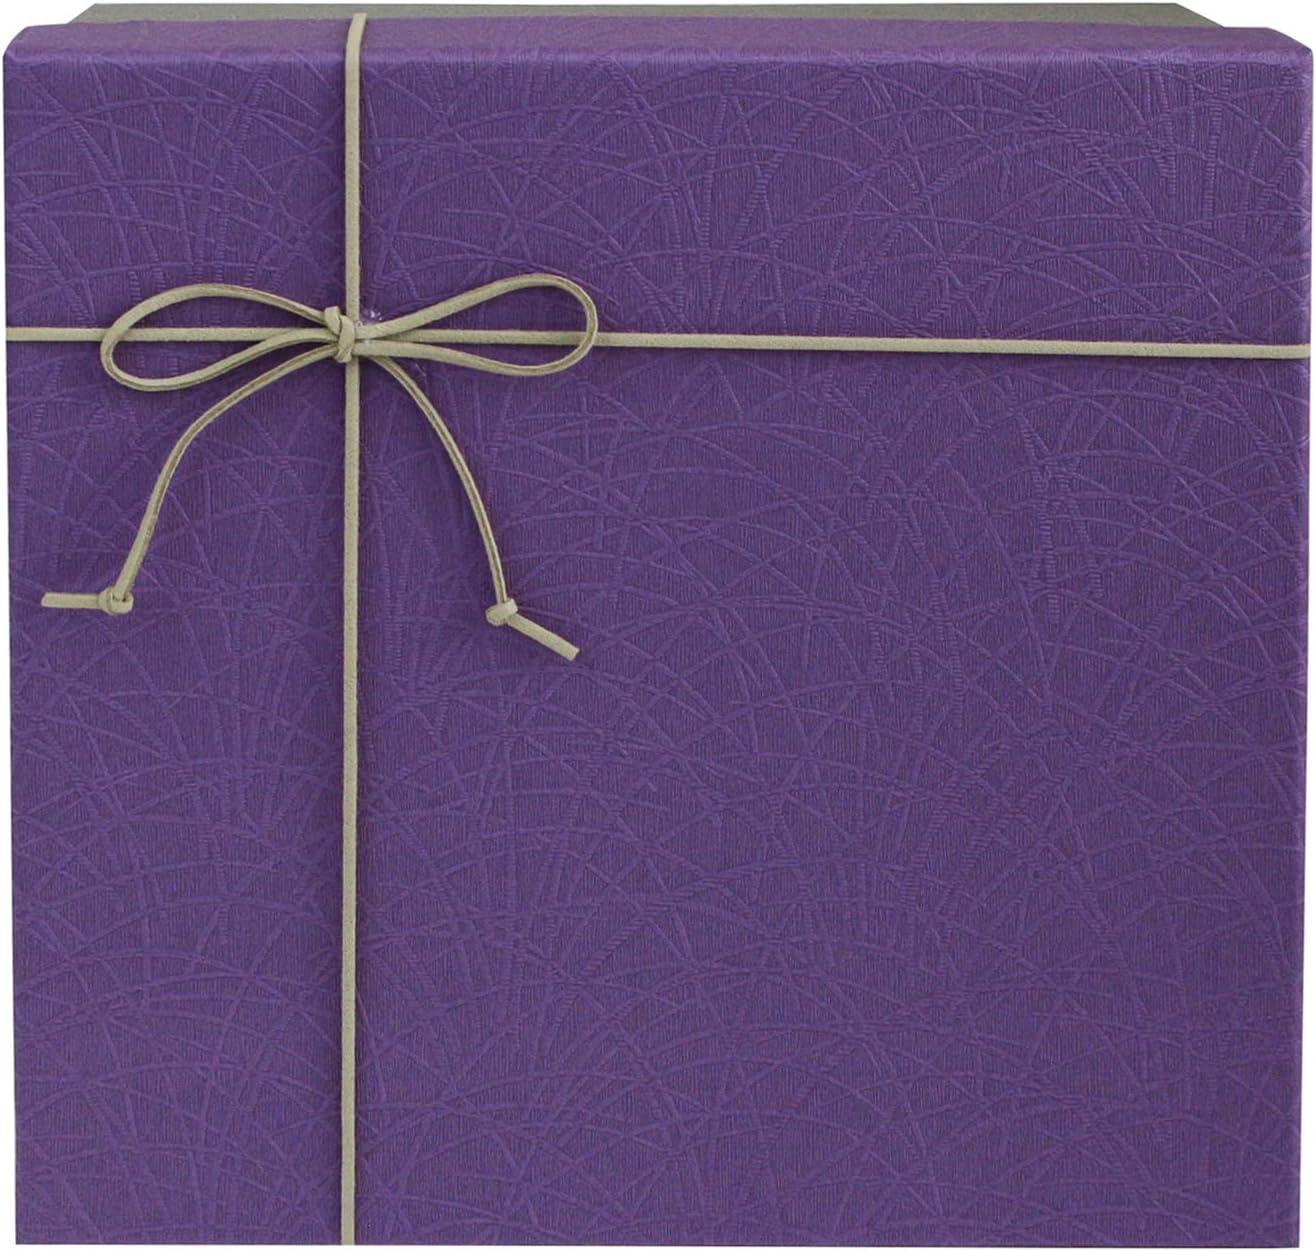 Lila Box mit Grauem Deckel Schokoladenbraunes Interieur und Wildleder Dekorative Band Schleife 24,8 cm x 24,8 cm x 12 cm Emartbuy Starrer Luxus Geschenkbox in Quadratischer Form